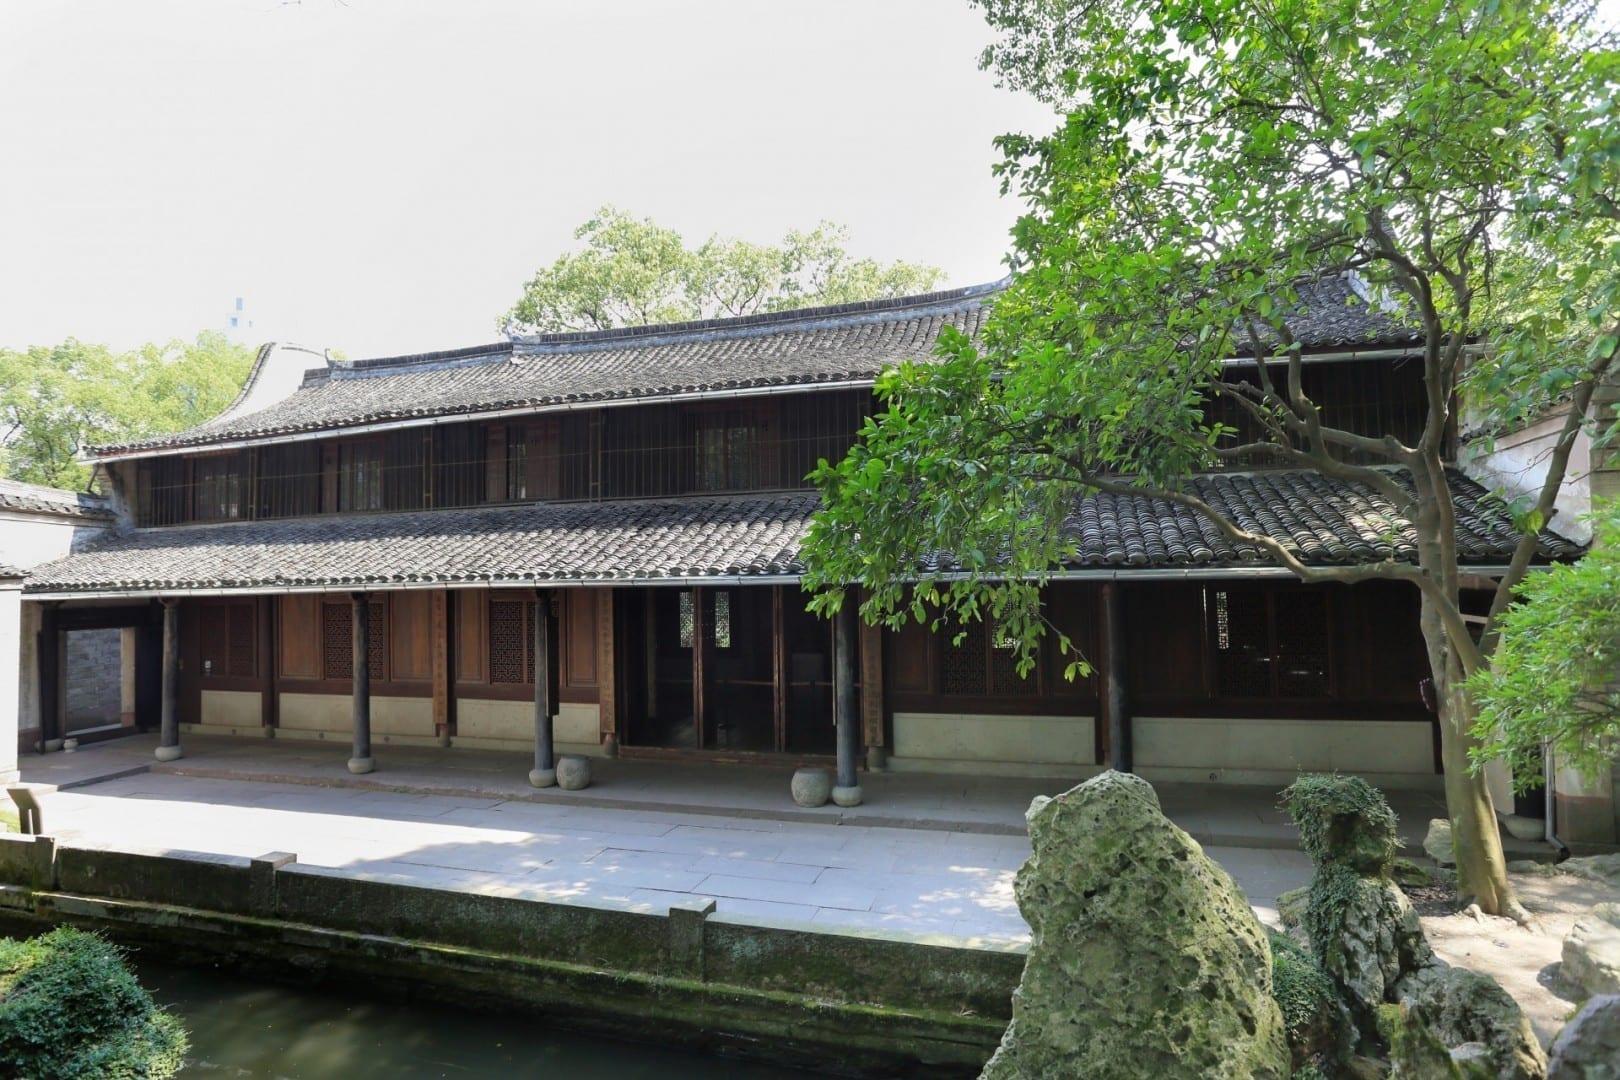 Pabellón TianYi (天一阁) Ningbo China